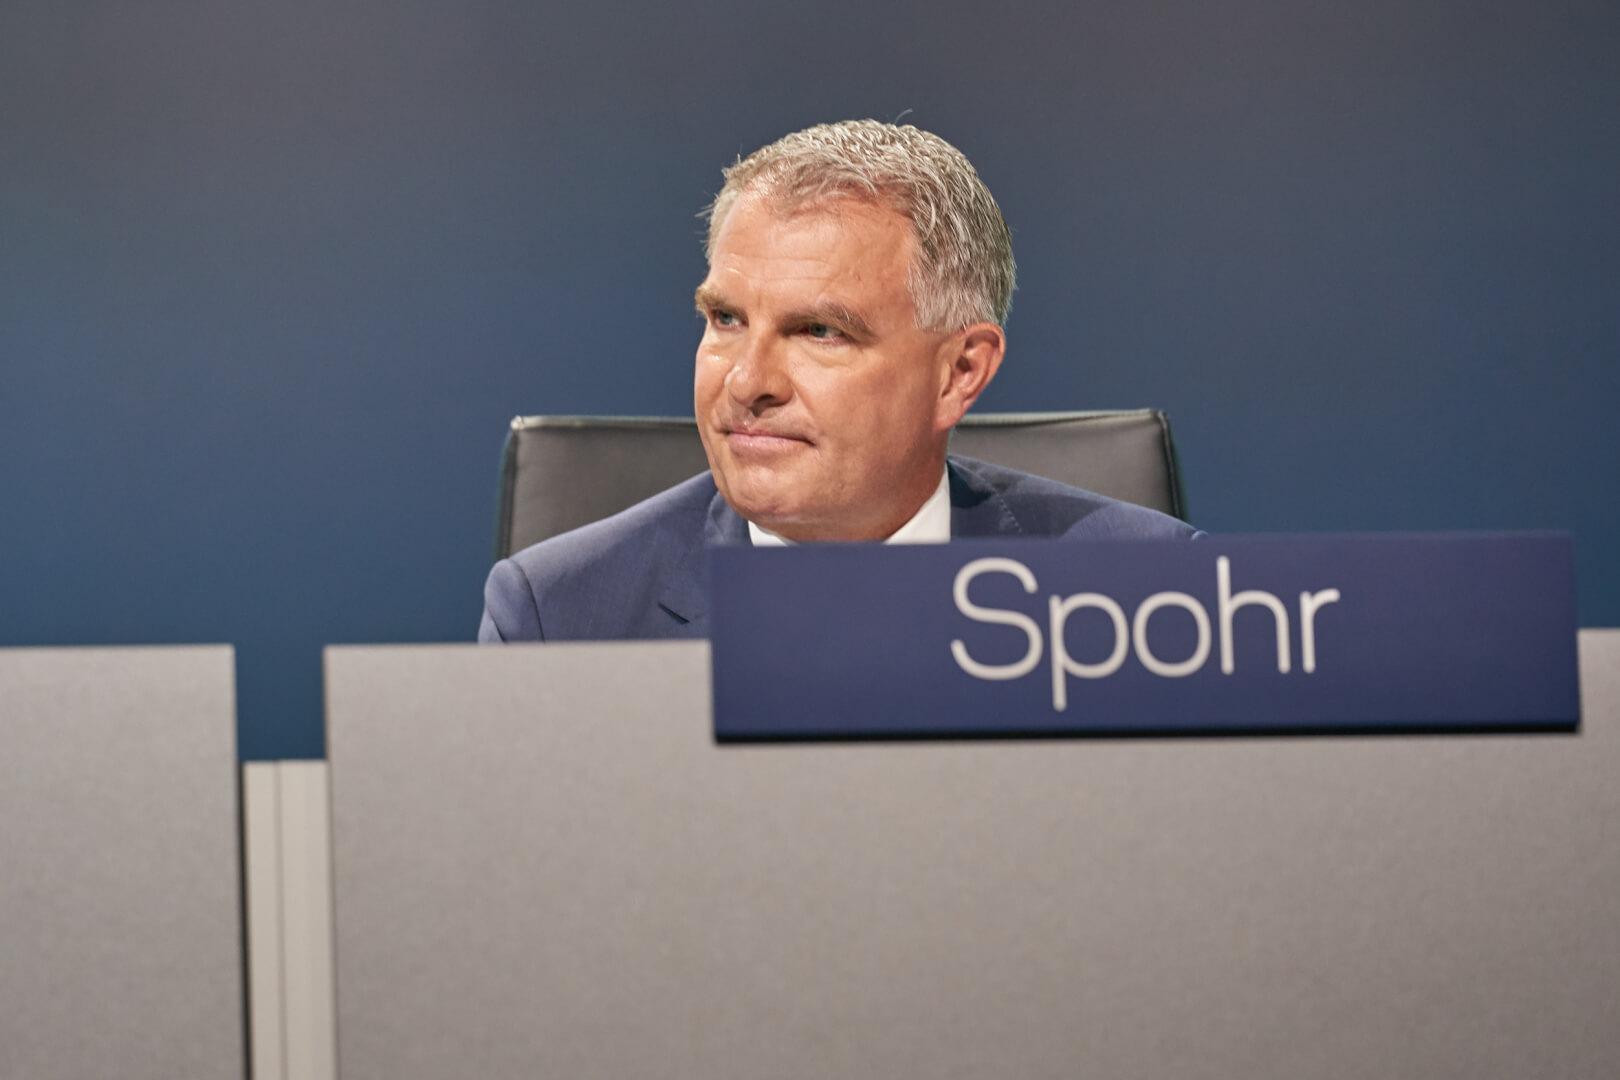 Carsten Spohr reunião da Lufthansa em 7.5.2019 em Bonn